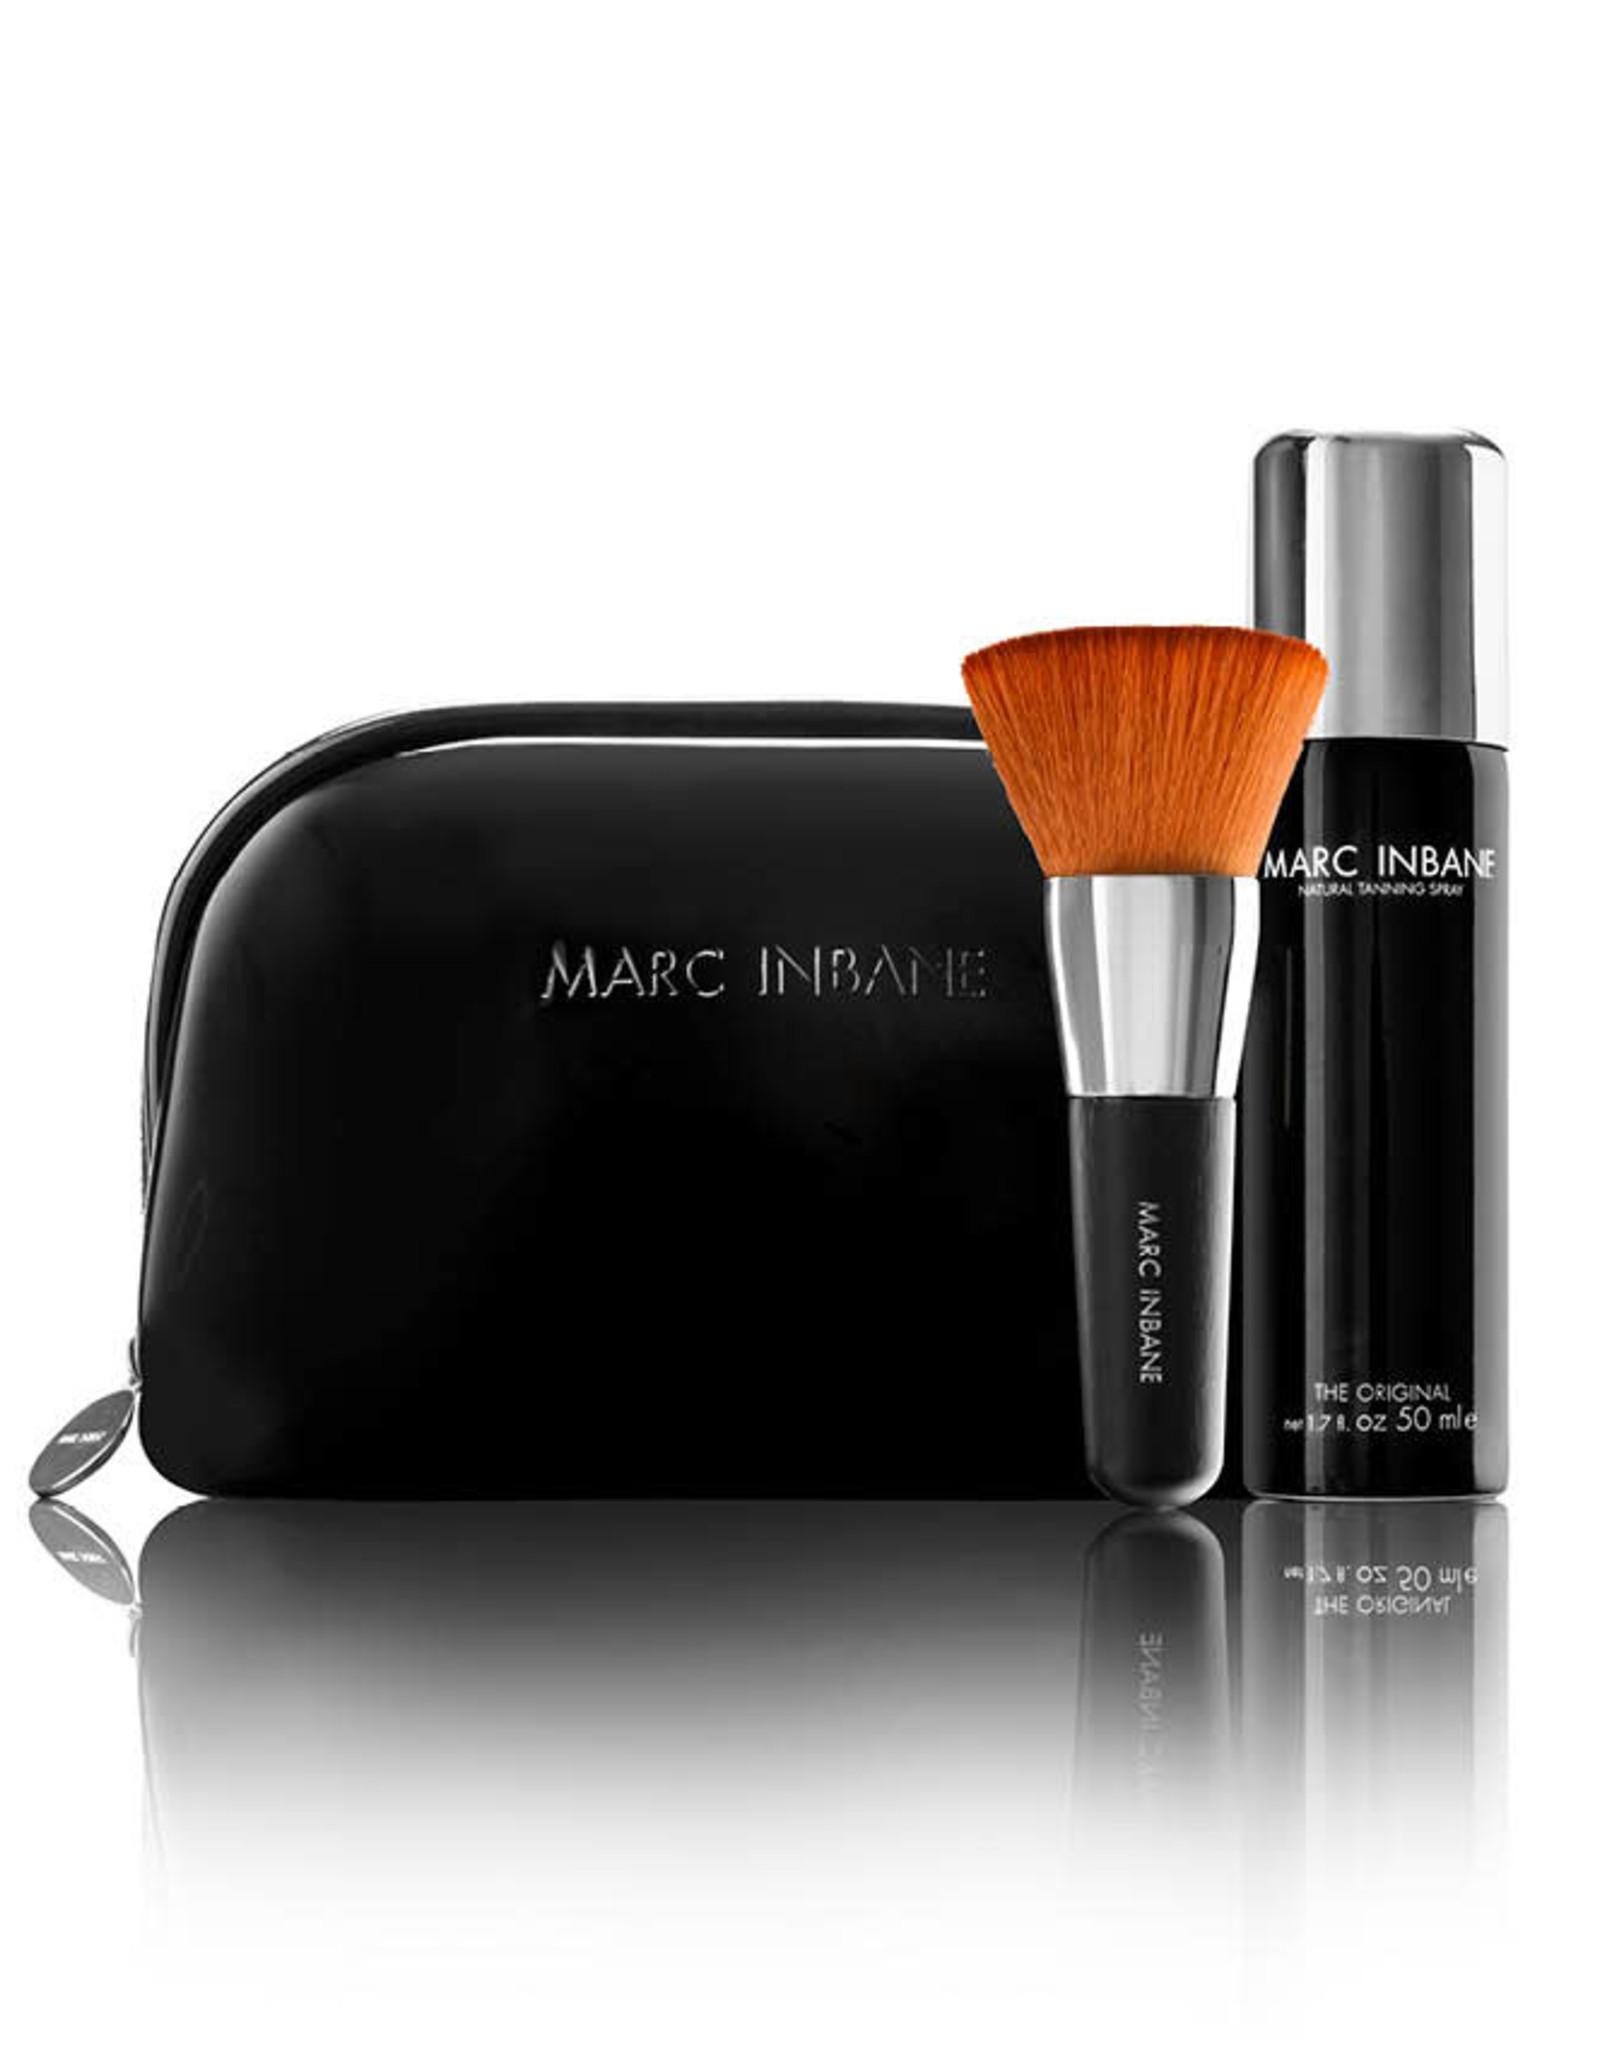 Marc Inbane Marc Inbane - Travel set